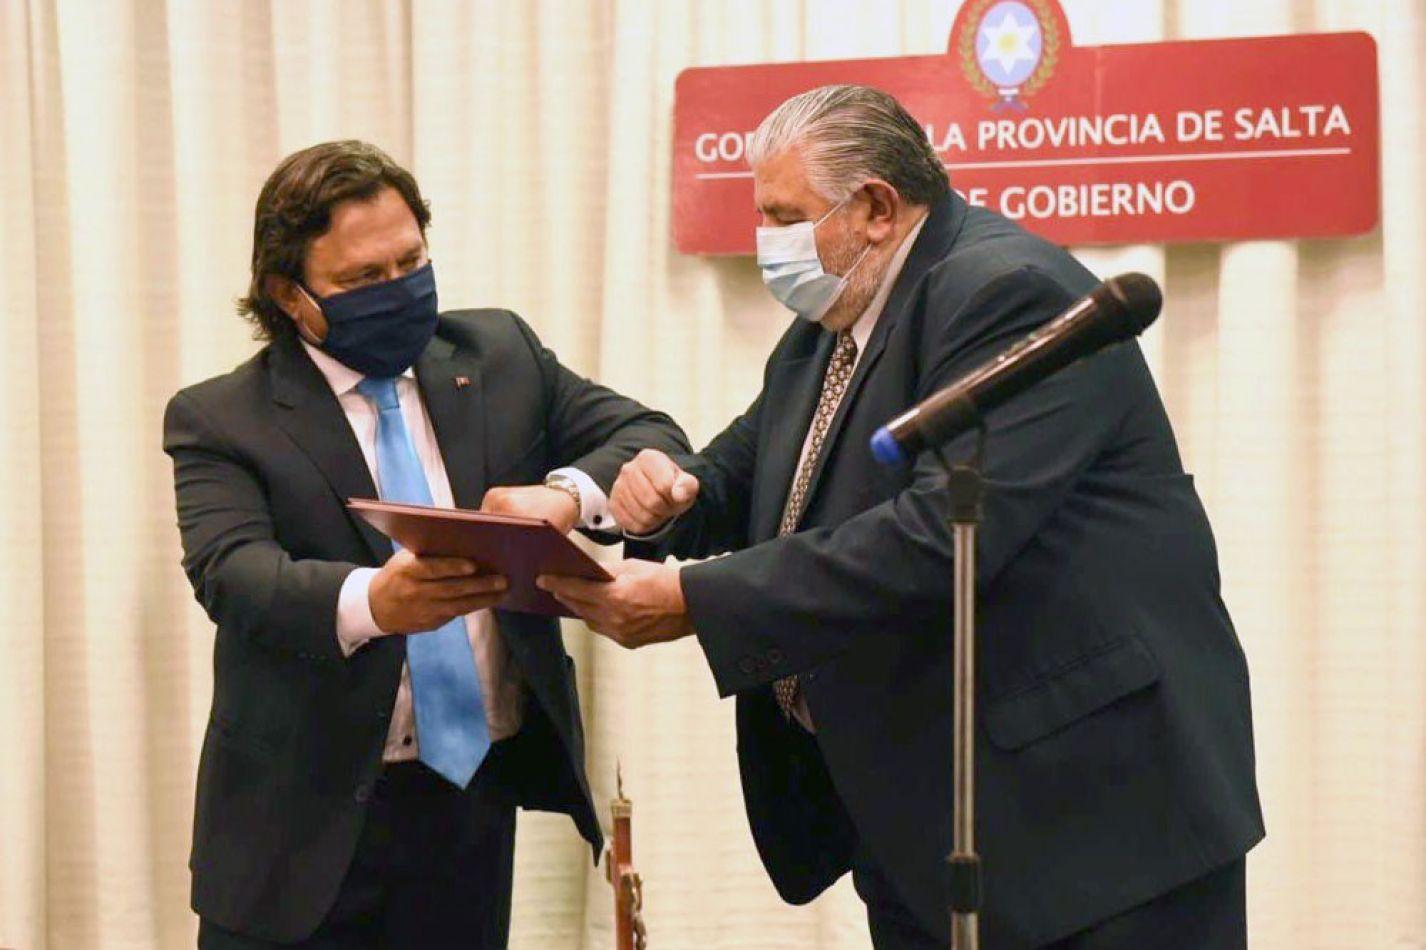 Asumió Juan José Esteban como nuevo Ministro de Salud Pública de la provincia de Salta